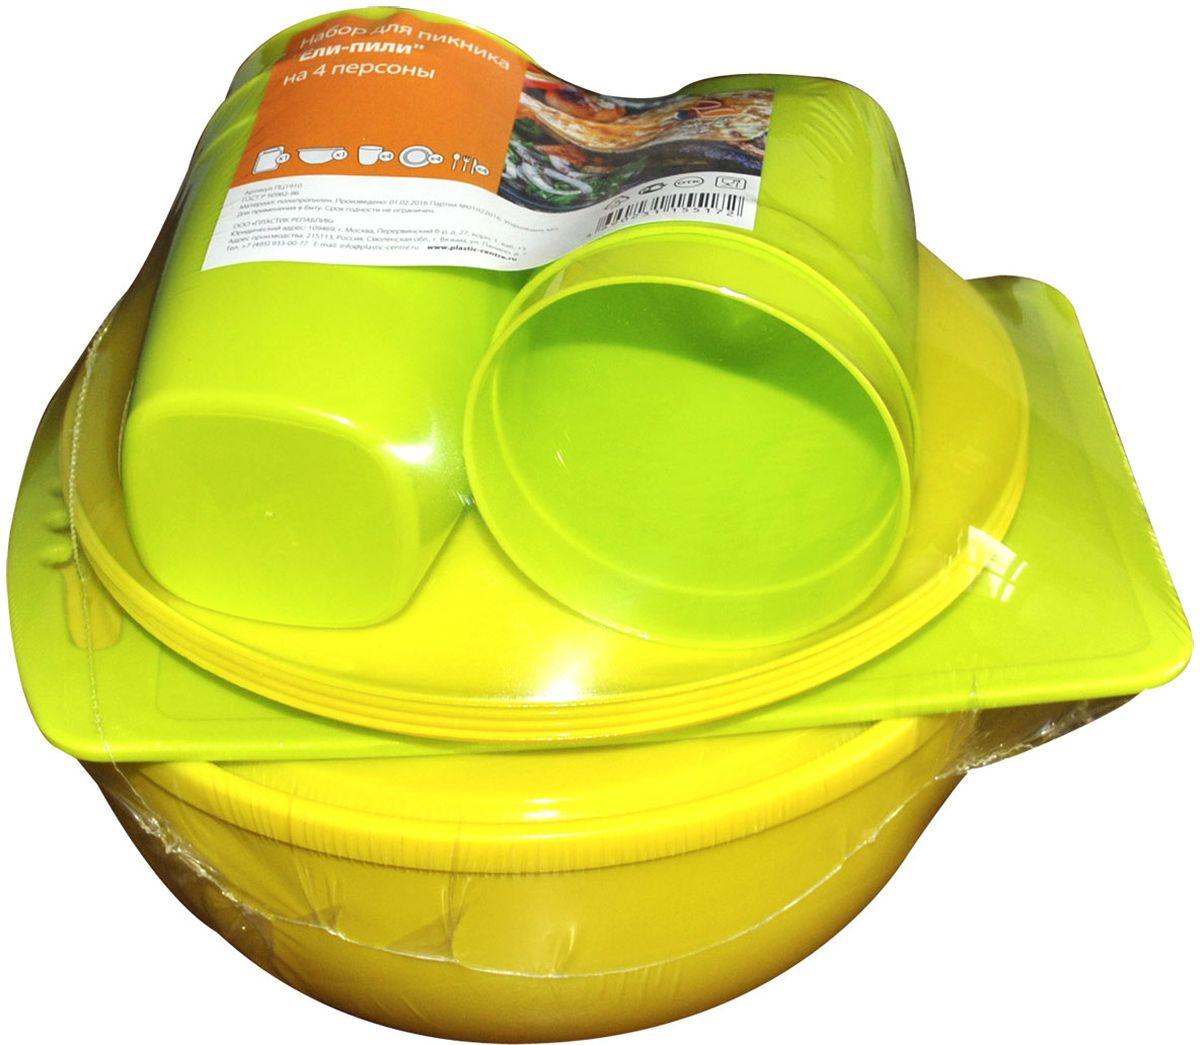 Набор для пикника Plastic Centre Ели-пили, на 4 персоны16-336Набор прекрасно подойдет для организации пикника на природе на 4 человека. Разделочная доска пригодится для резки овощей и зелени. В объемную миску с крышкой хорошо сложить приготовленный шашлык, а столовых приборов, стаканов и маленьких салатников хватит на целую компанию. Легкий и прочный пластик подходит для многократного использования.В набор входят: глубокая миска с крышкой, разделочная доска, 4 ложки, 4 вилки, 4 ножа, 4 тарелки, 4 стакана.